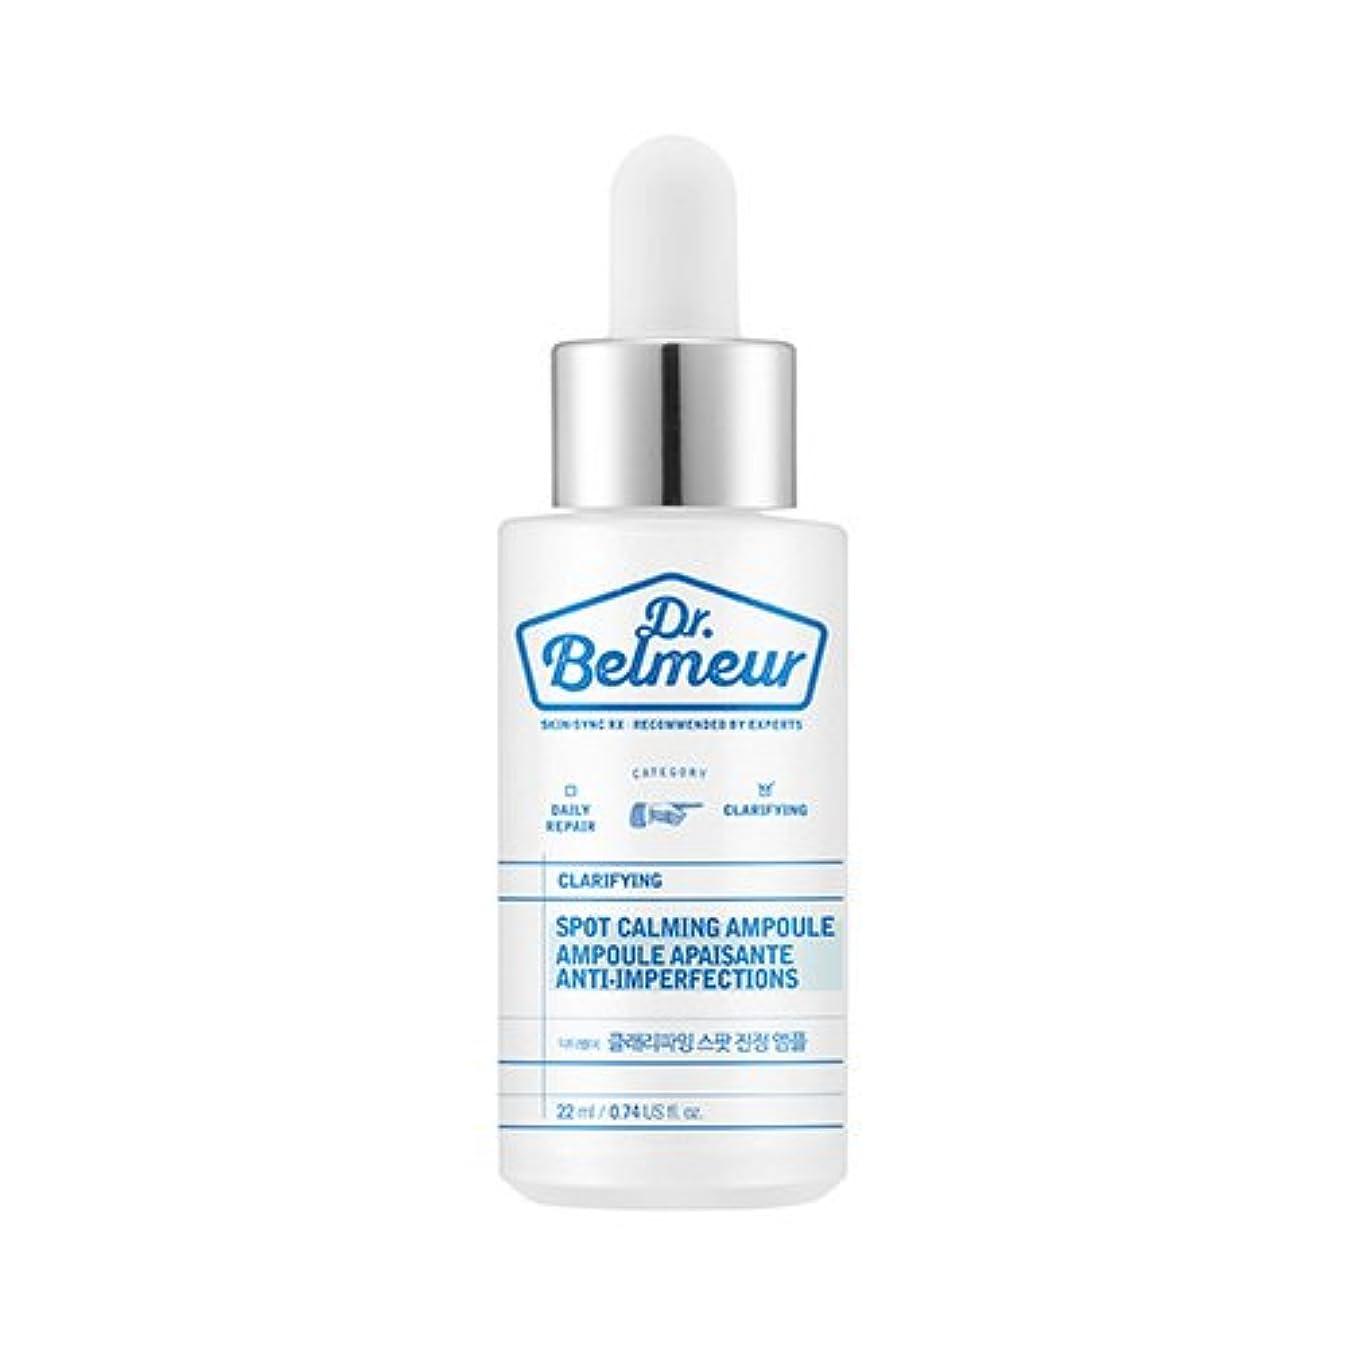 シーサイドファン未満THE FACE SHOP Dr.Belmeur Clarifying Spot Calming Ampoule 22ml/ザフェイスショップ ドクターベルムール クラリファイング スポット カーミング アンプル 22ml